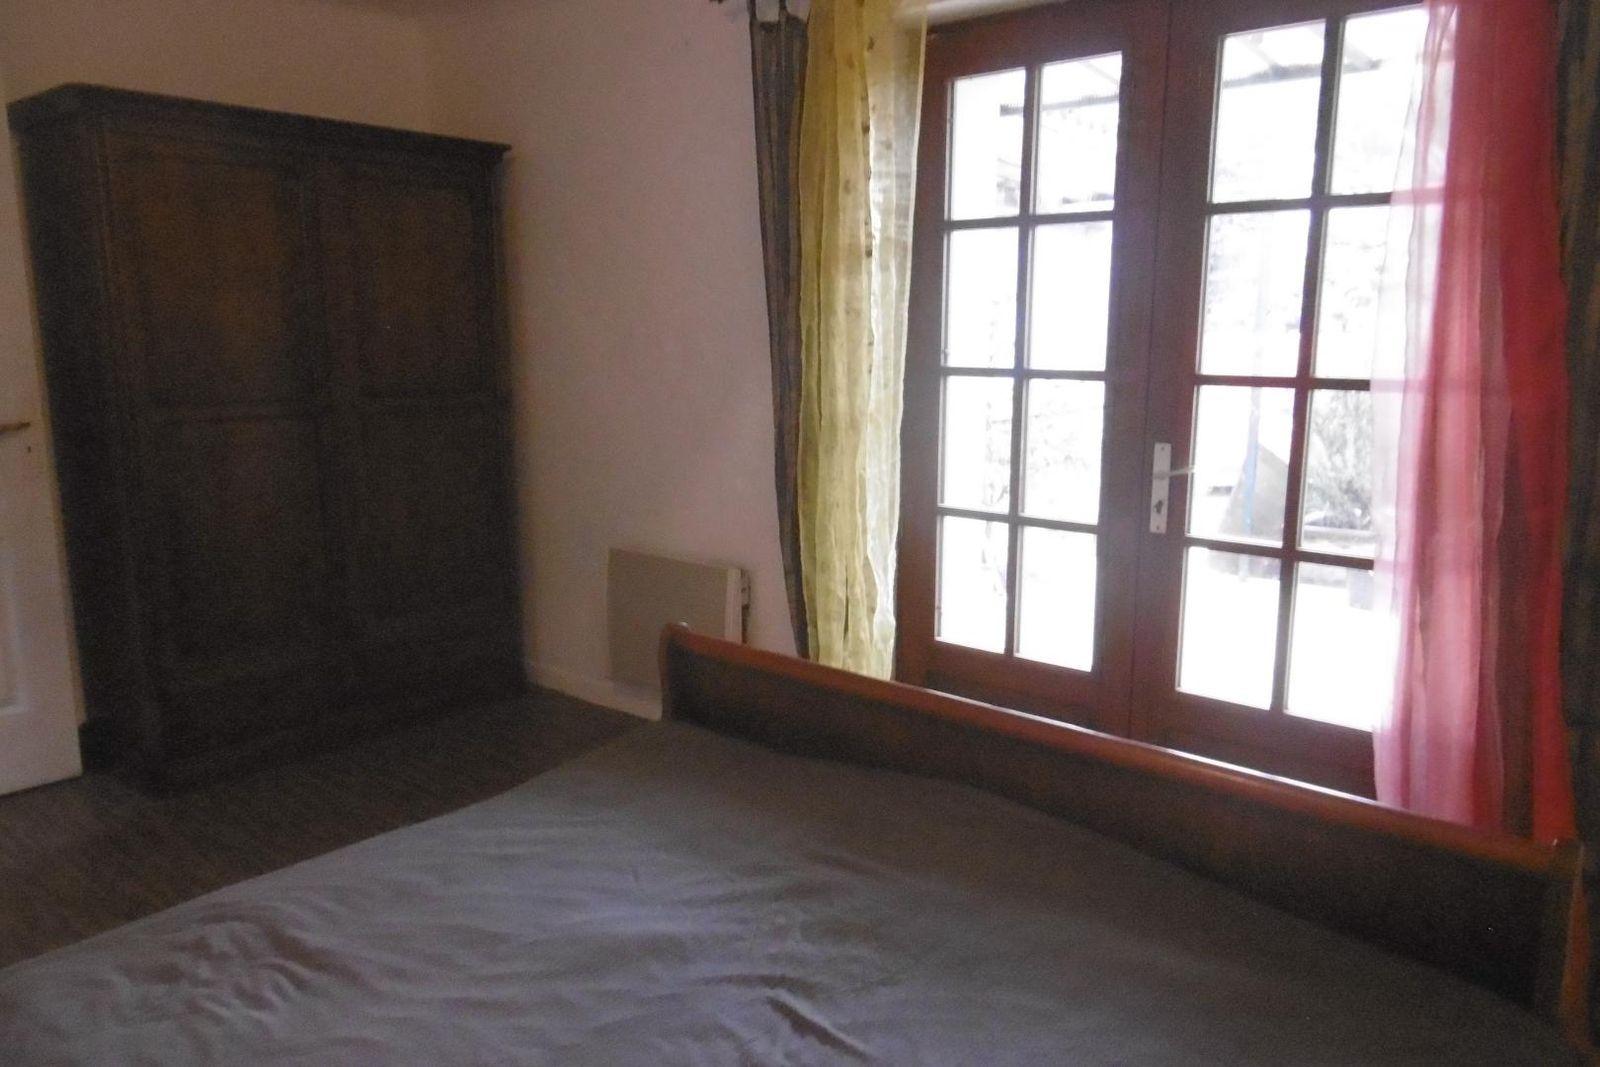 Chambre lit 160, accès terrasse